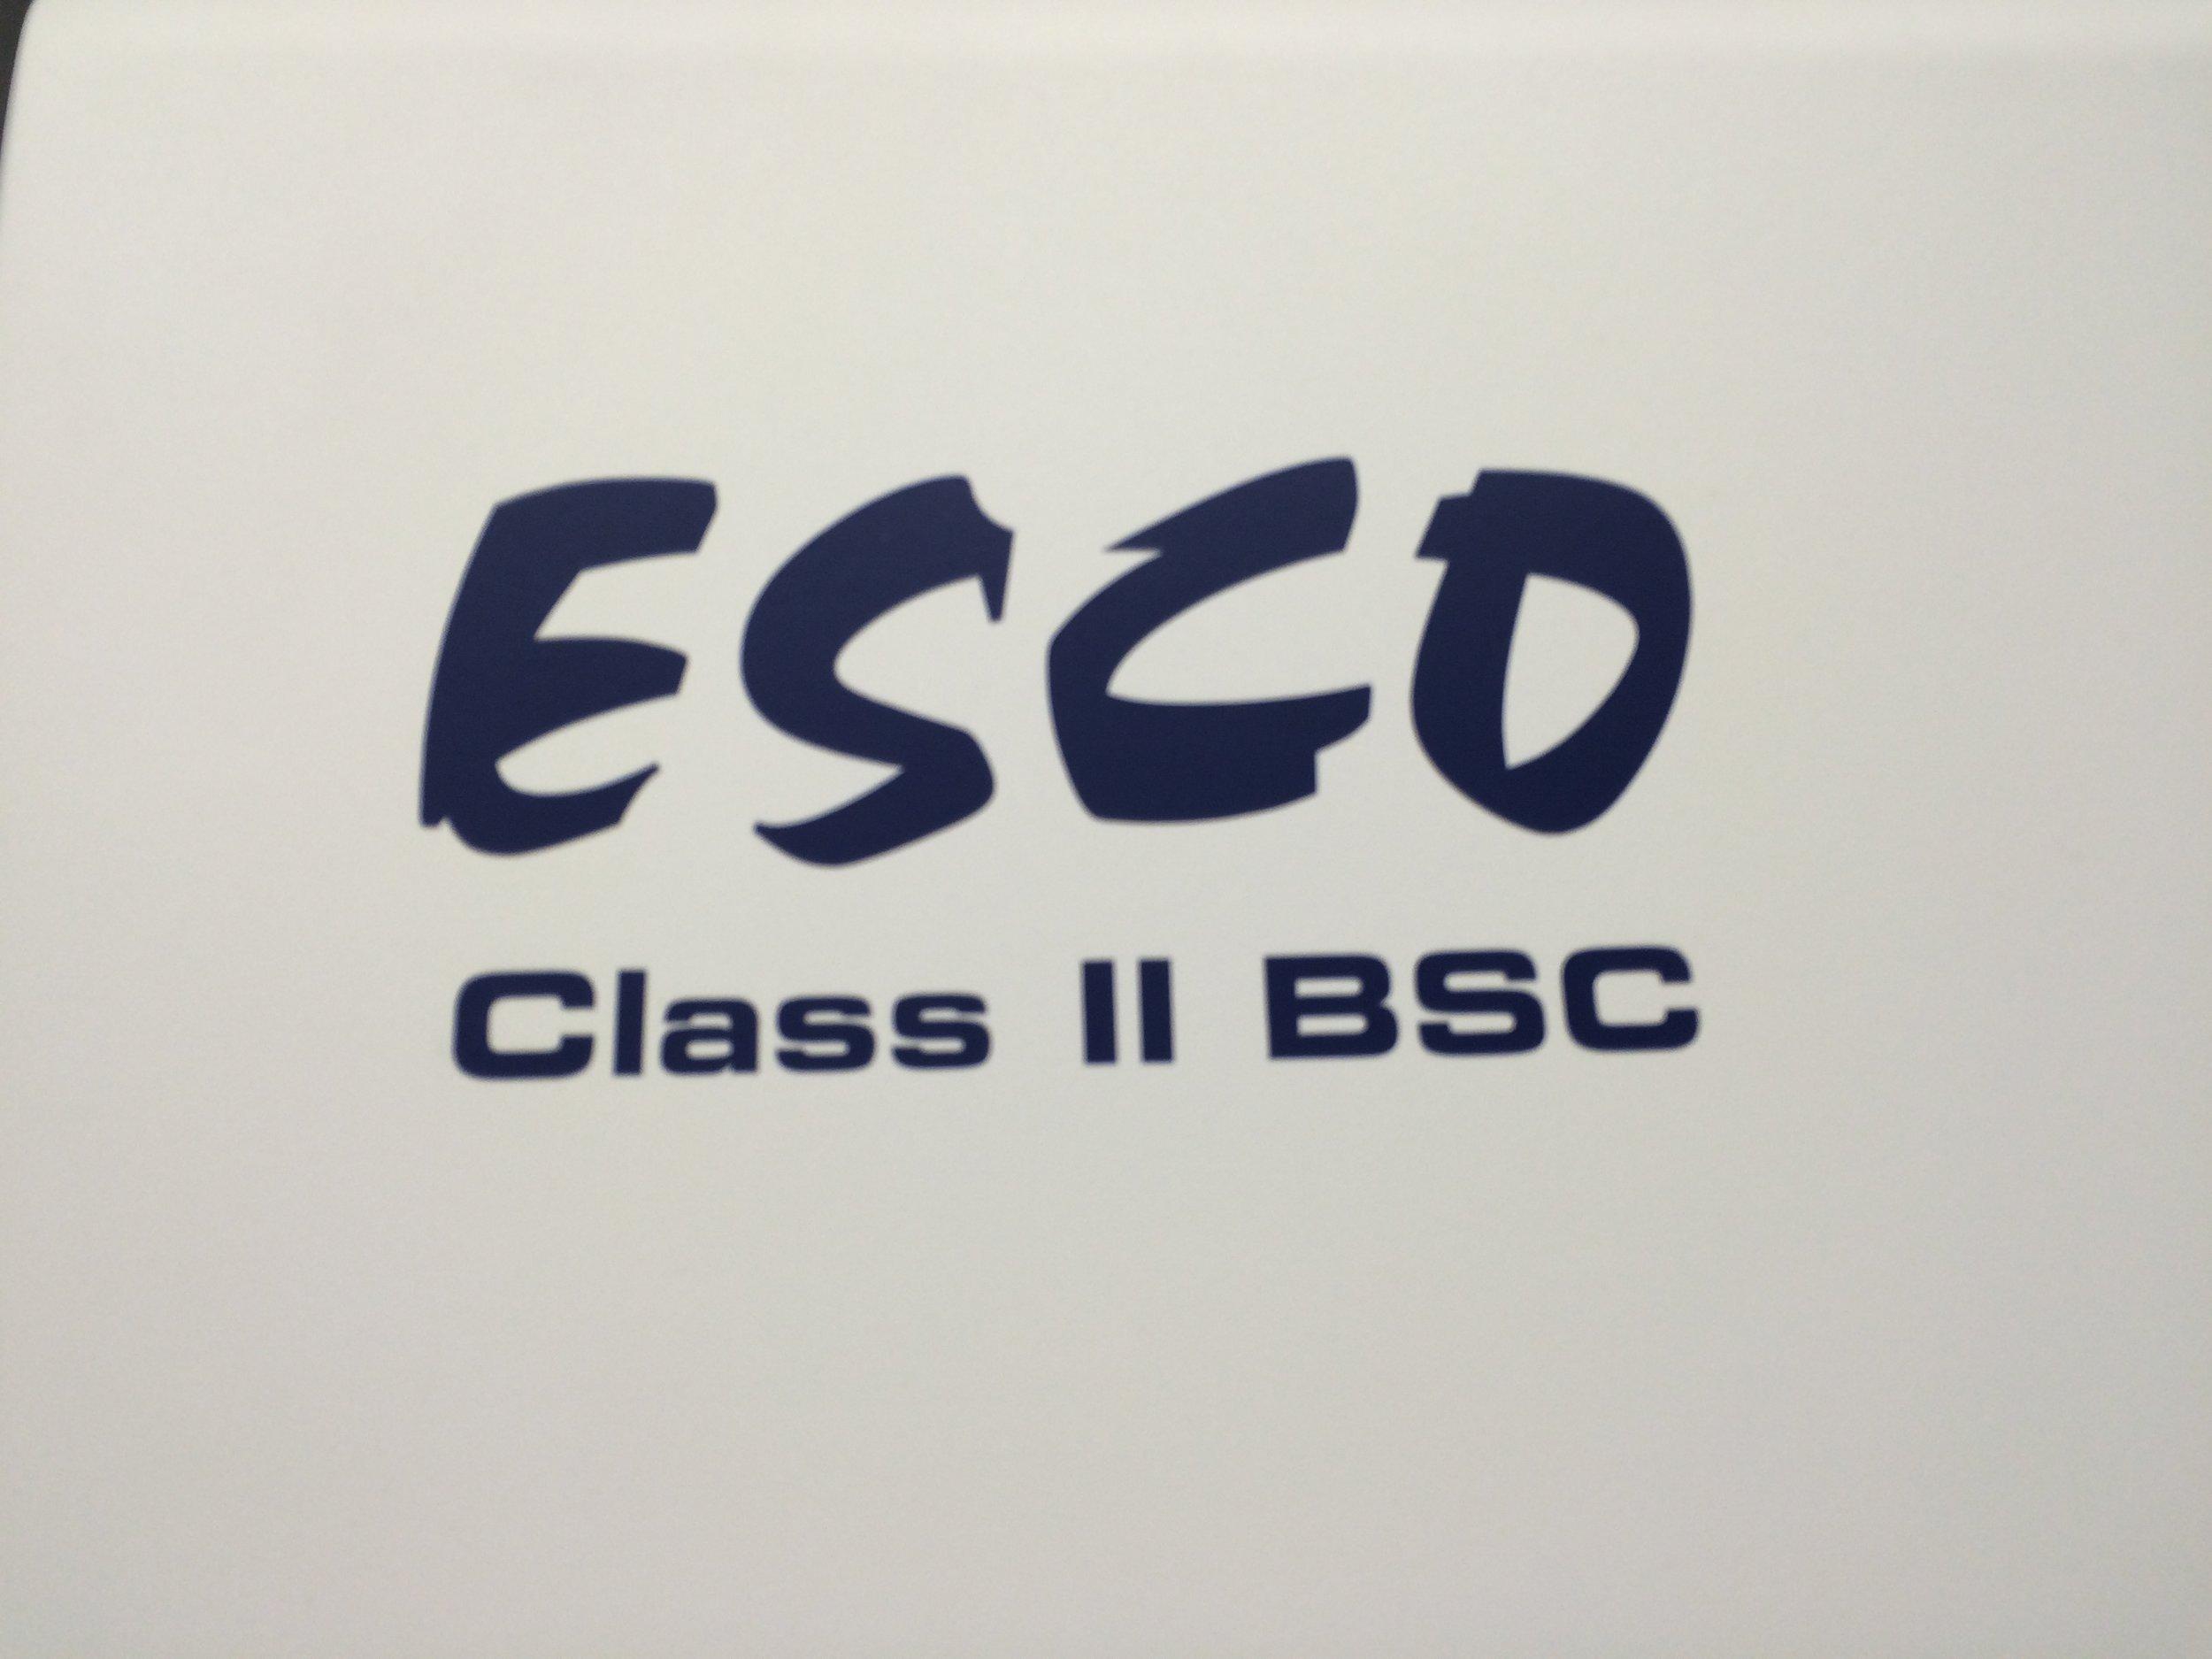 Esco Class II BSC-01.JPG